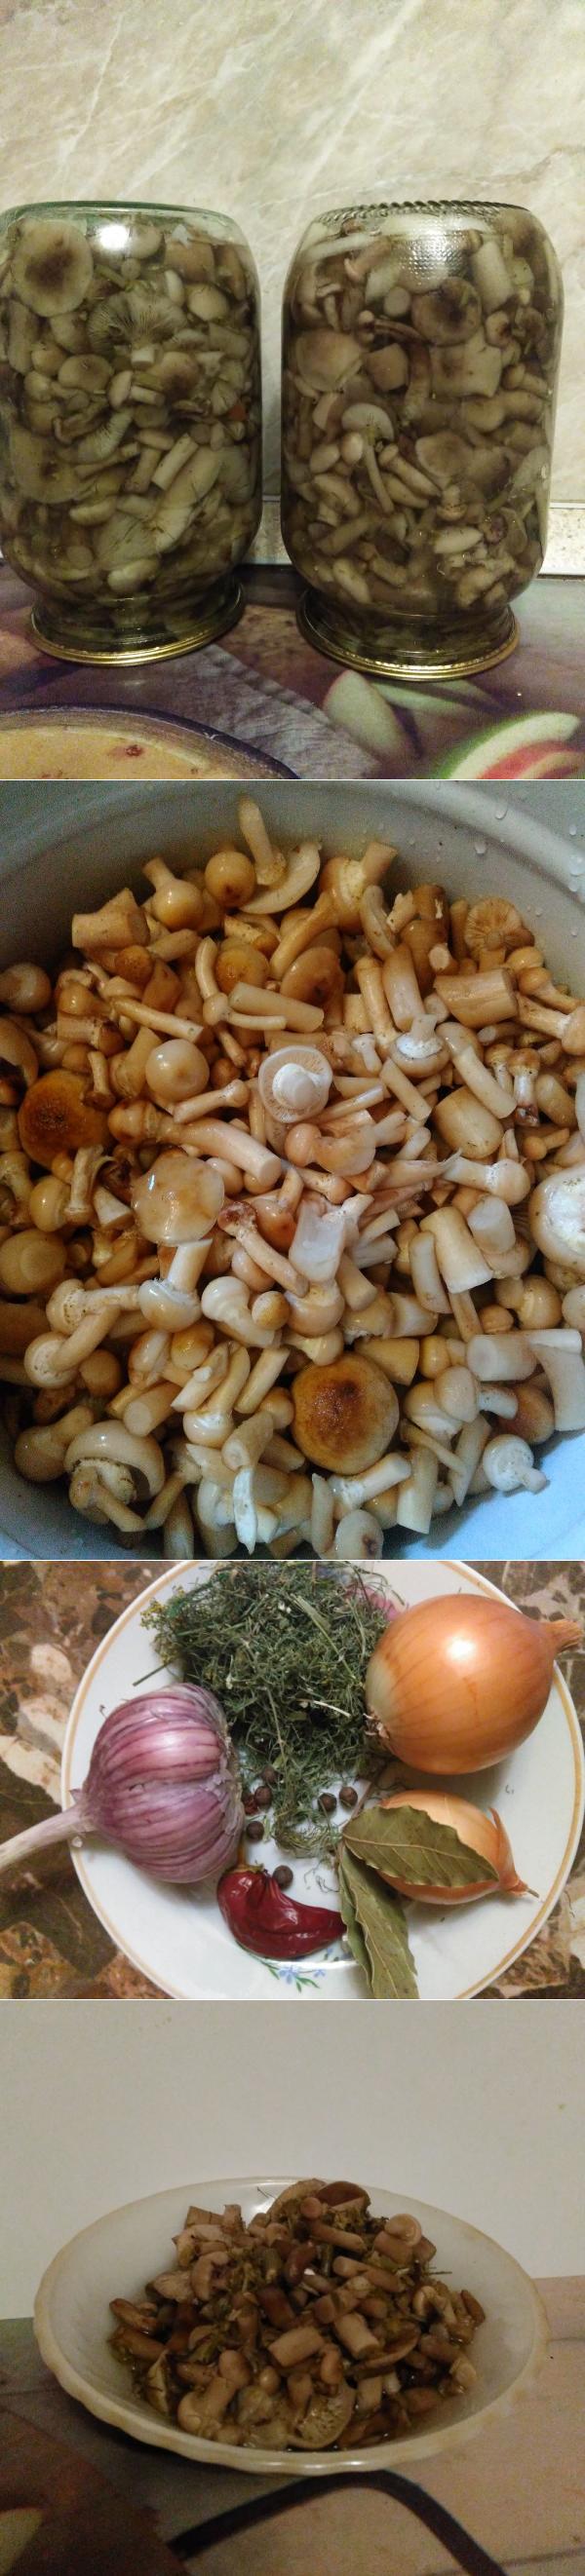 маринованные опята с растительным маслом и яблочным уксусом